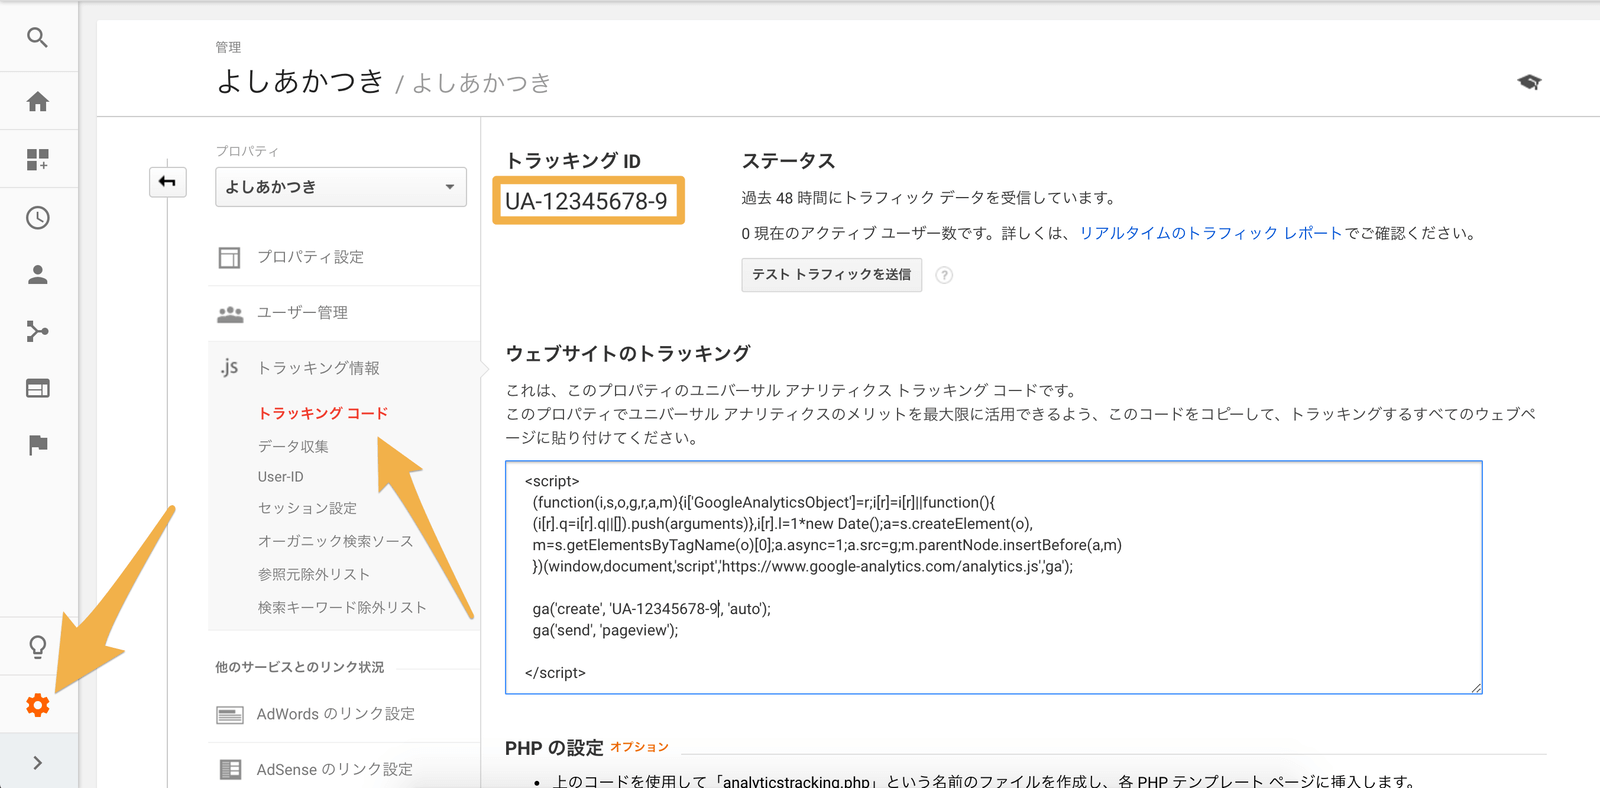 トラッキングIDはGoogle Analytics管理画面の「管理」→「トラッキング情報」→「トラッキングコード」で確認できます